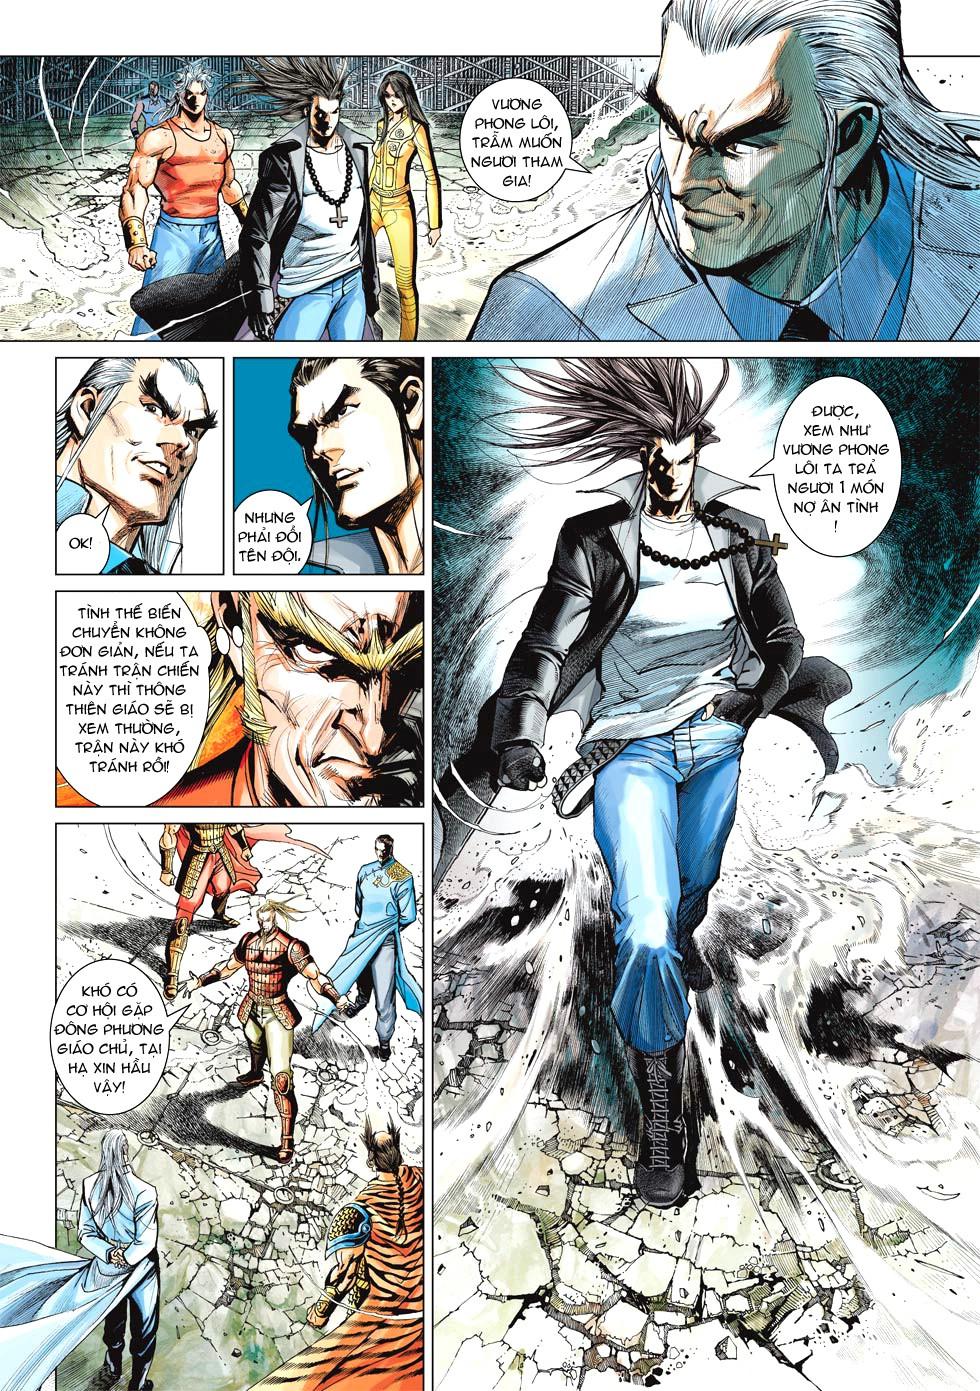 Vương Phong Lôi 1 chap 27 - Trang 15